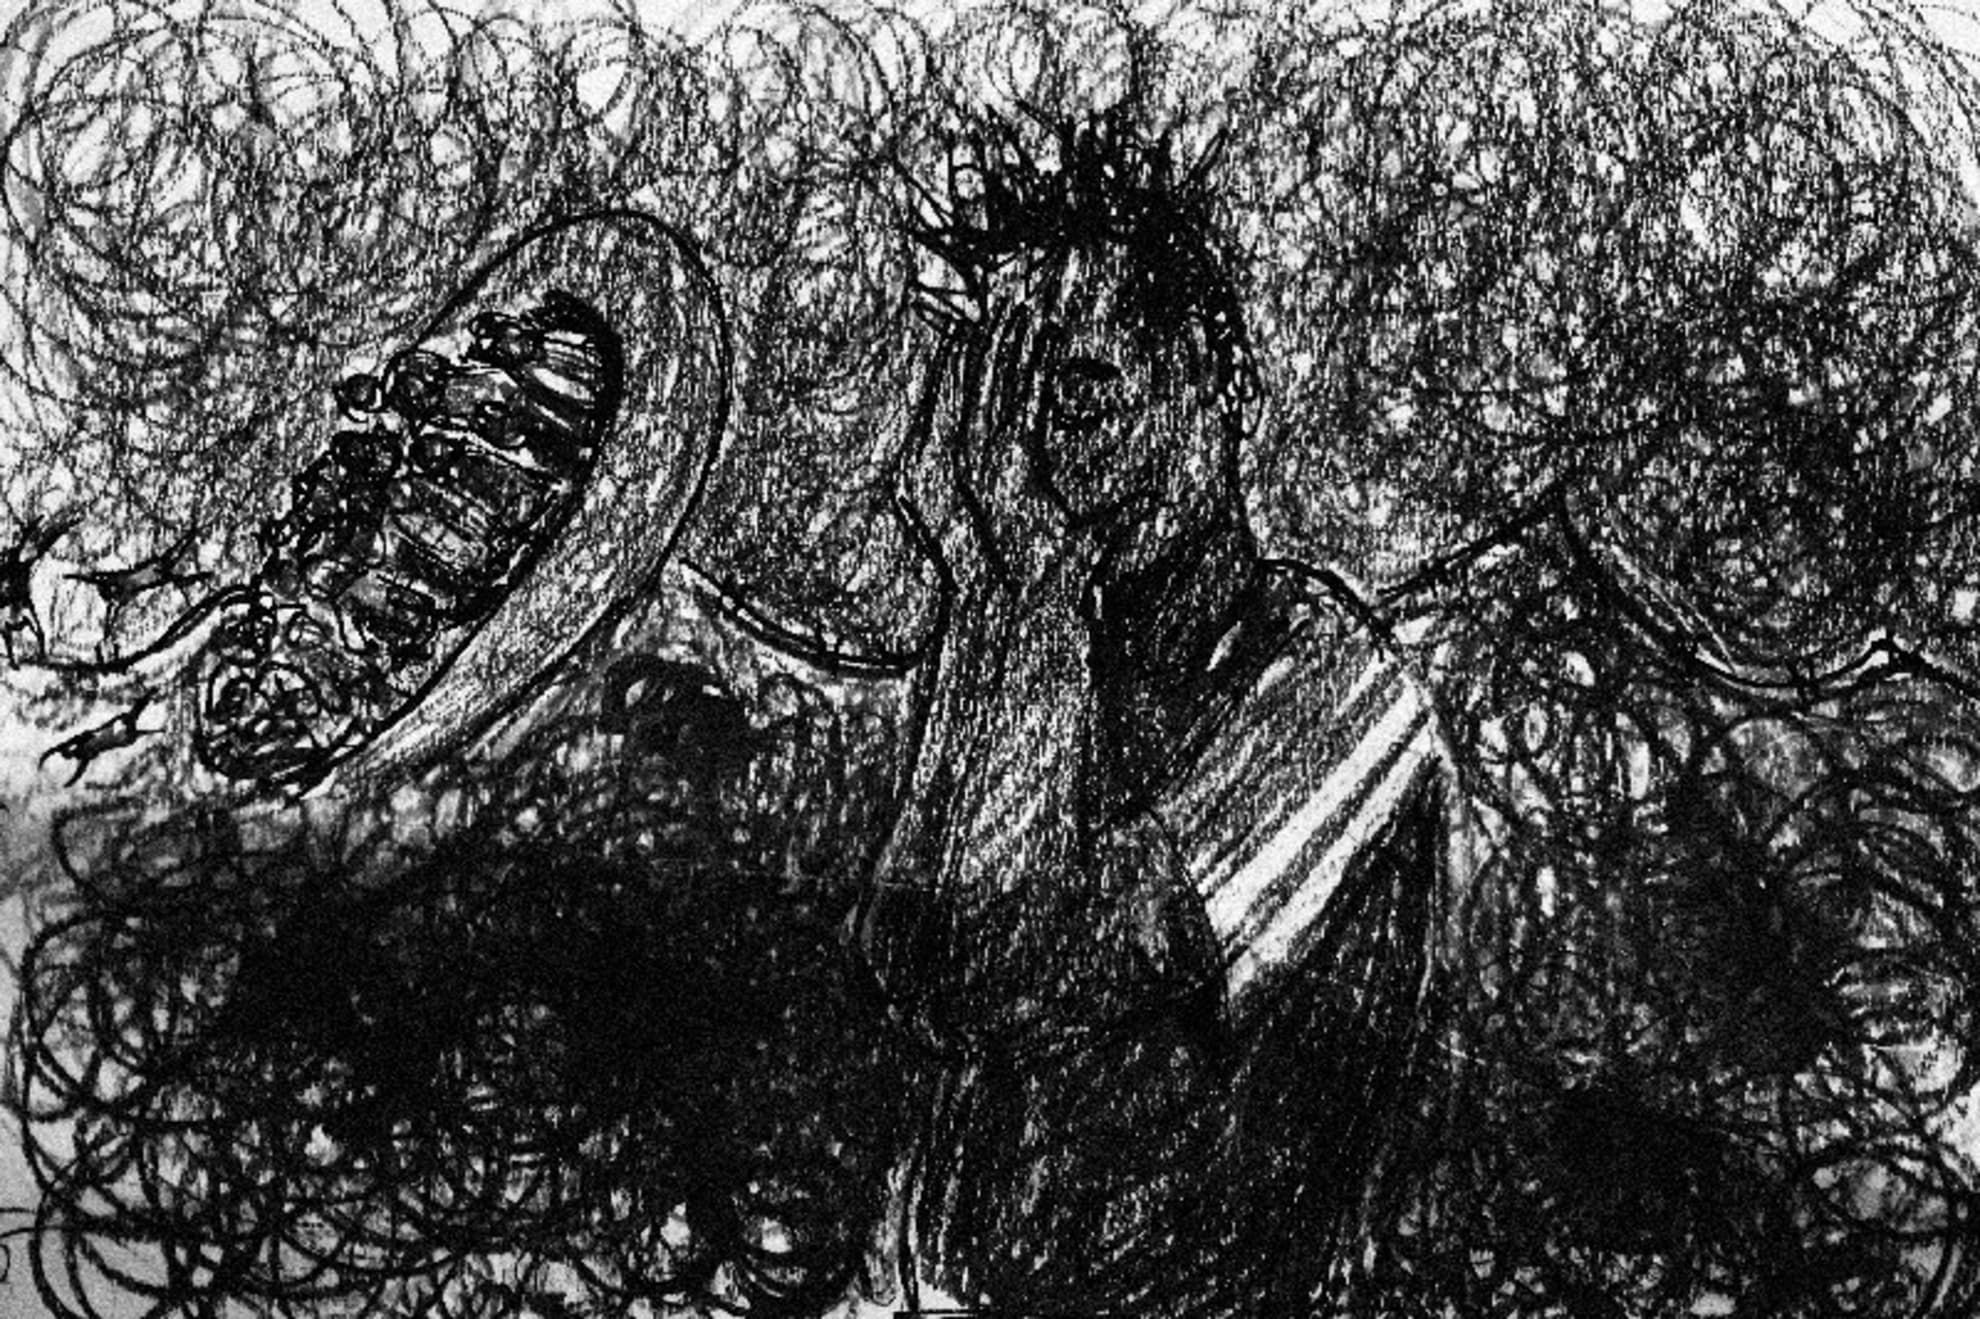 Un dibujo del refugiado Mohammed de Burkina Faso que muestra el barco hundiéndose en el mar en el primer centro de recepción de Saline.